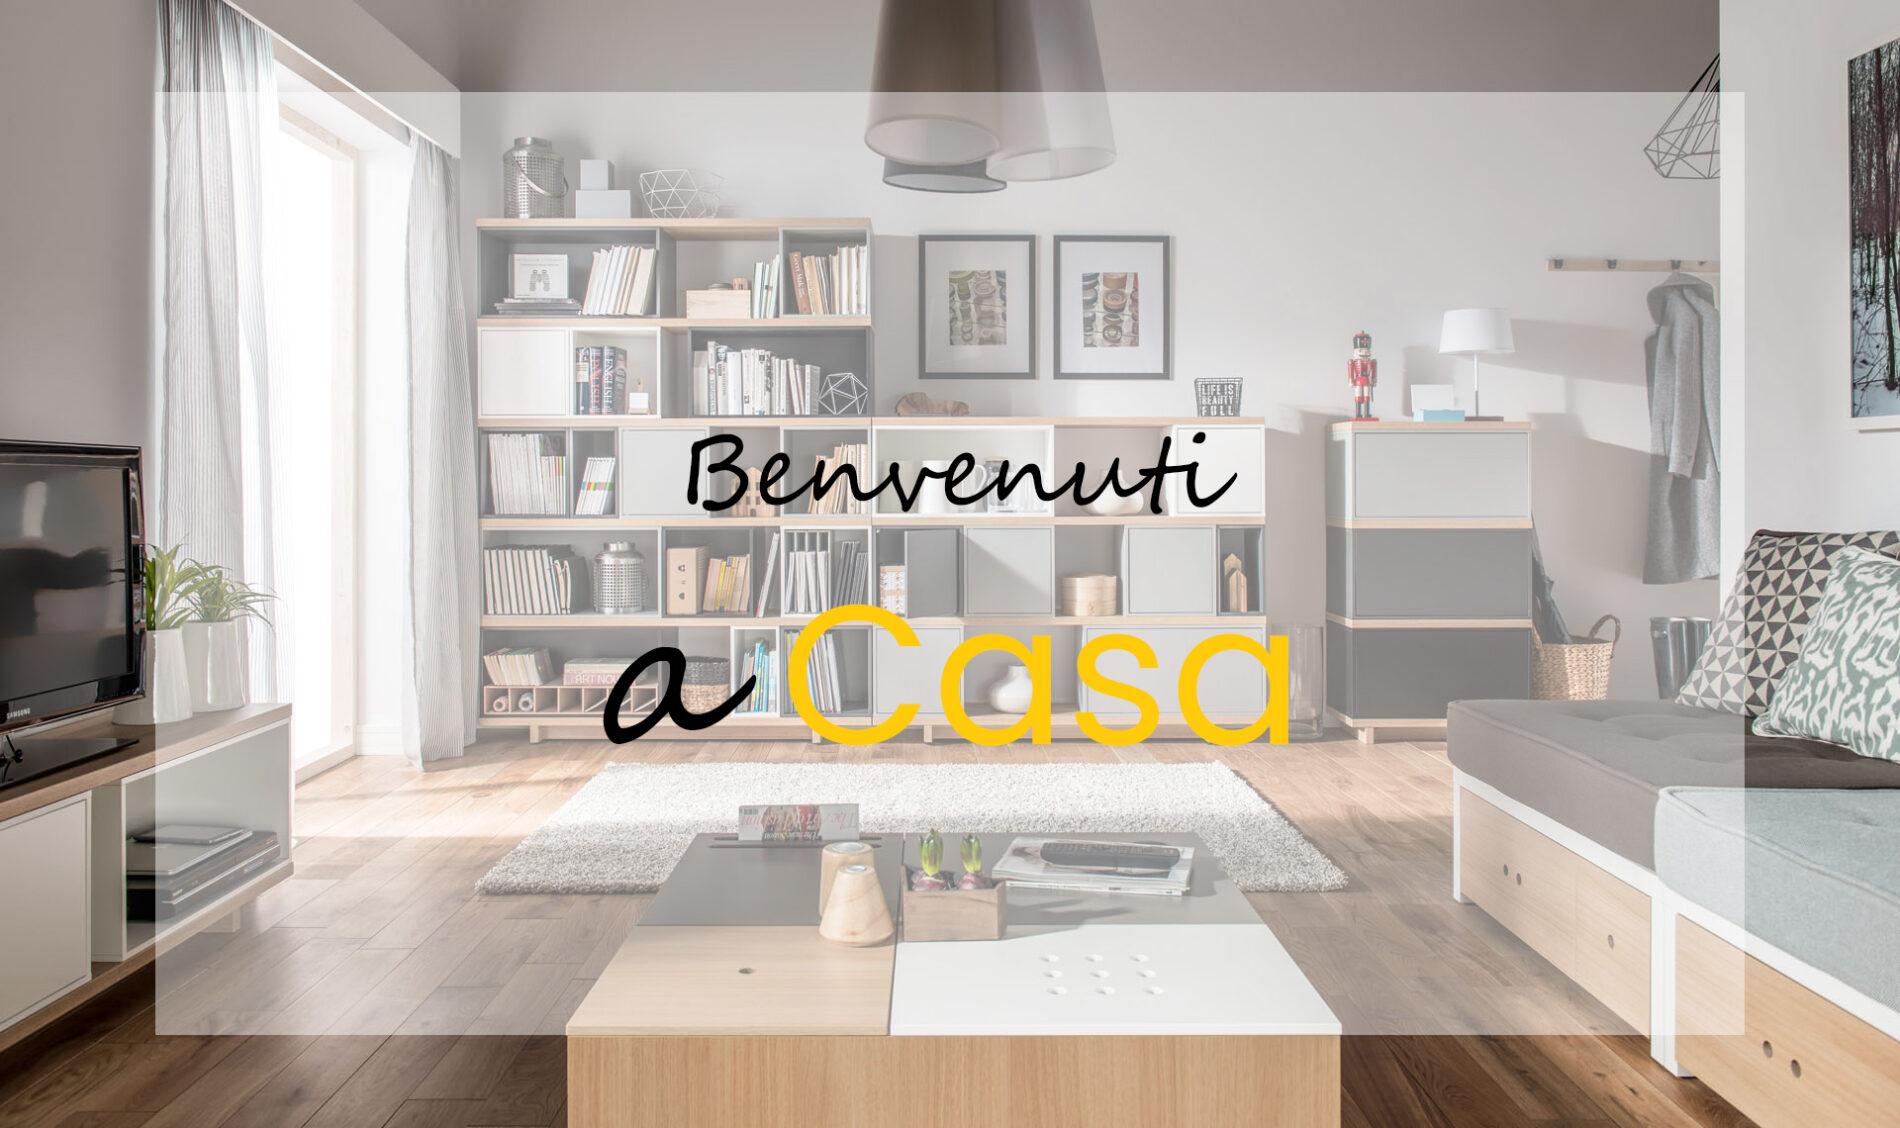 Pezzi Di Design Da Avere amf mobili di design | arredamento, mobili e oggetti di design